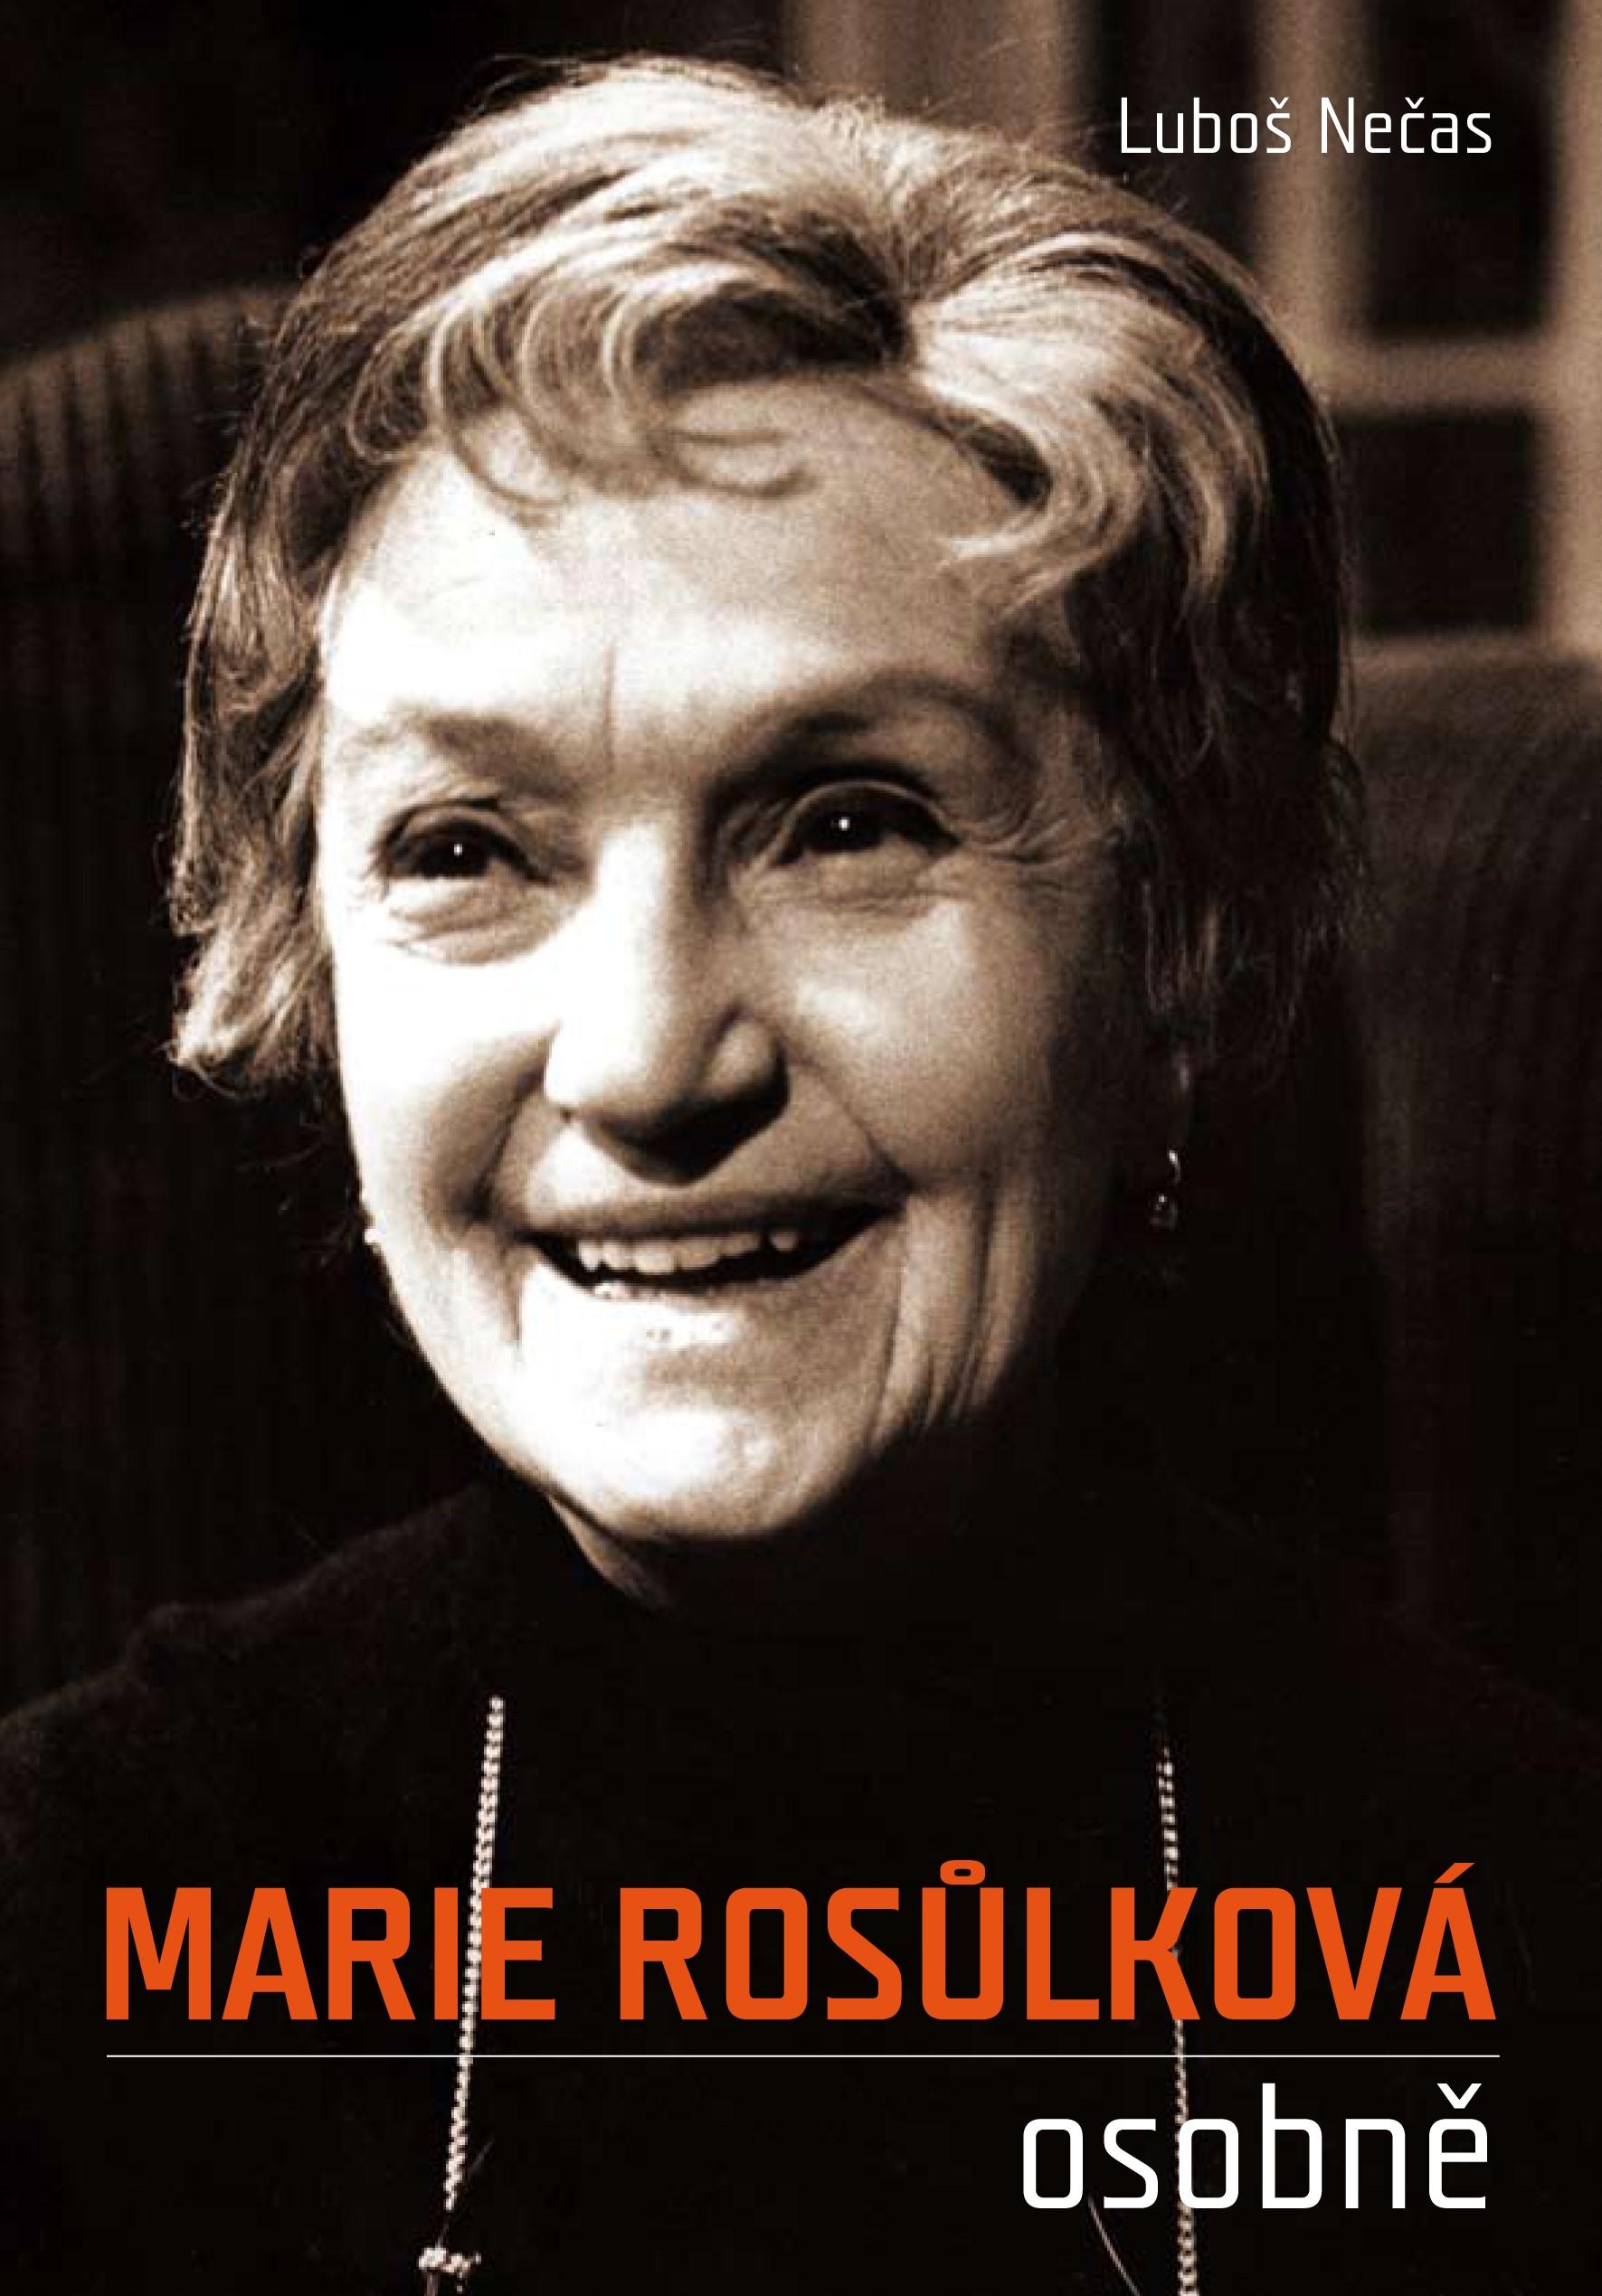 Marie Rosůlková osobně | Luboš Nečas